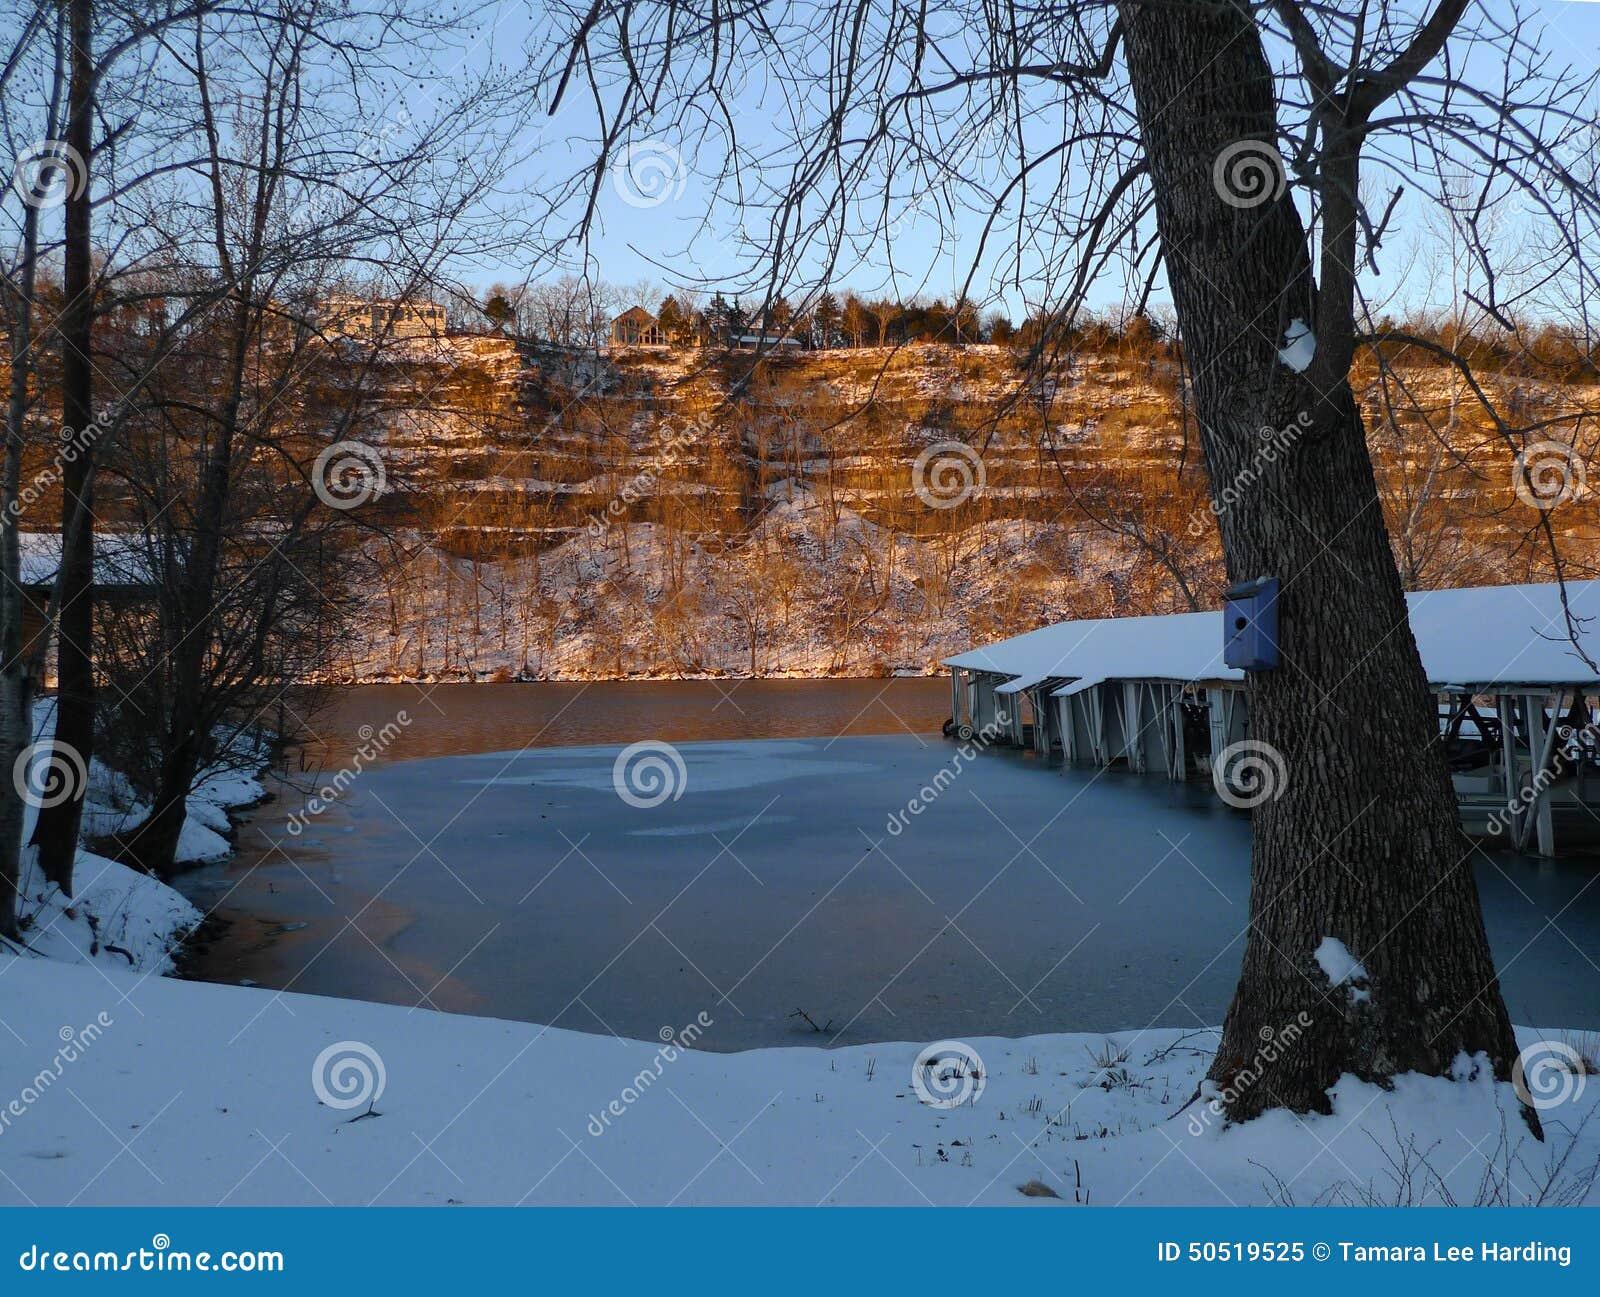 Winter on the lake stock image  Image of freezing, white